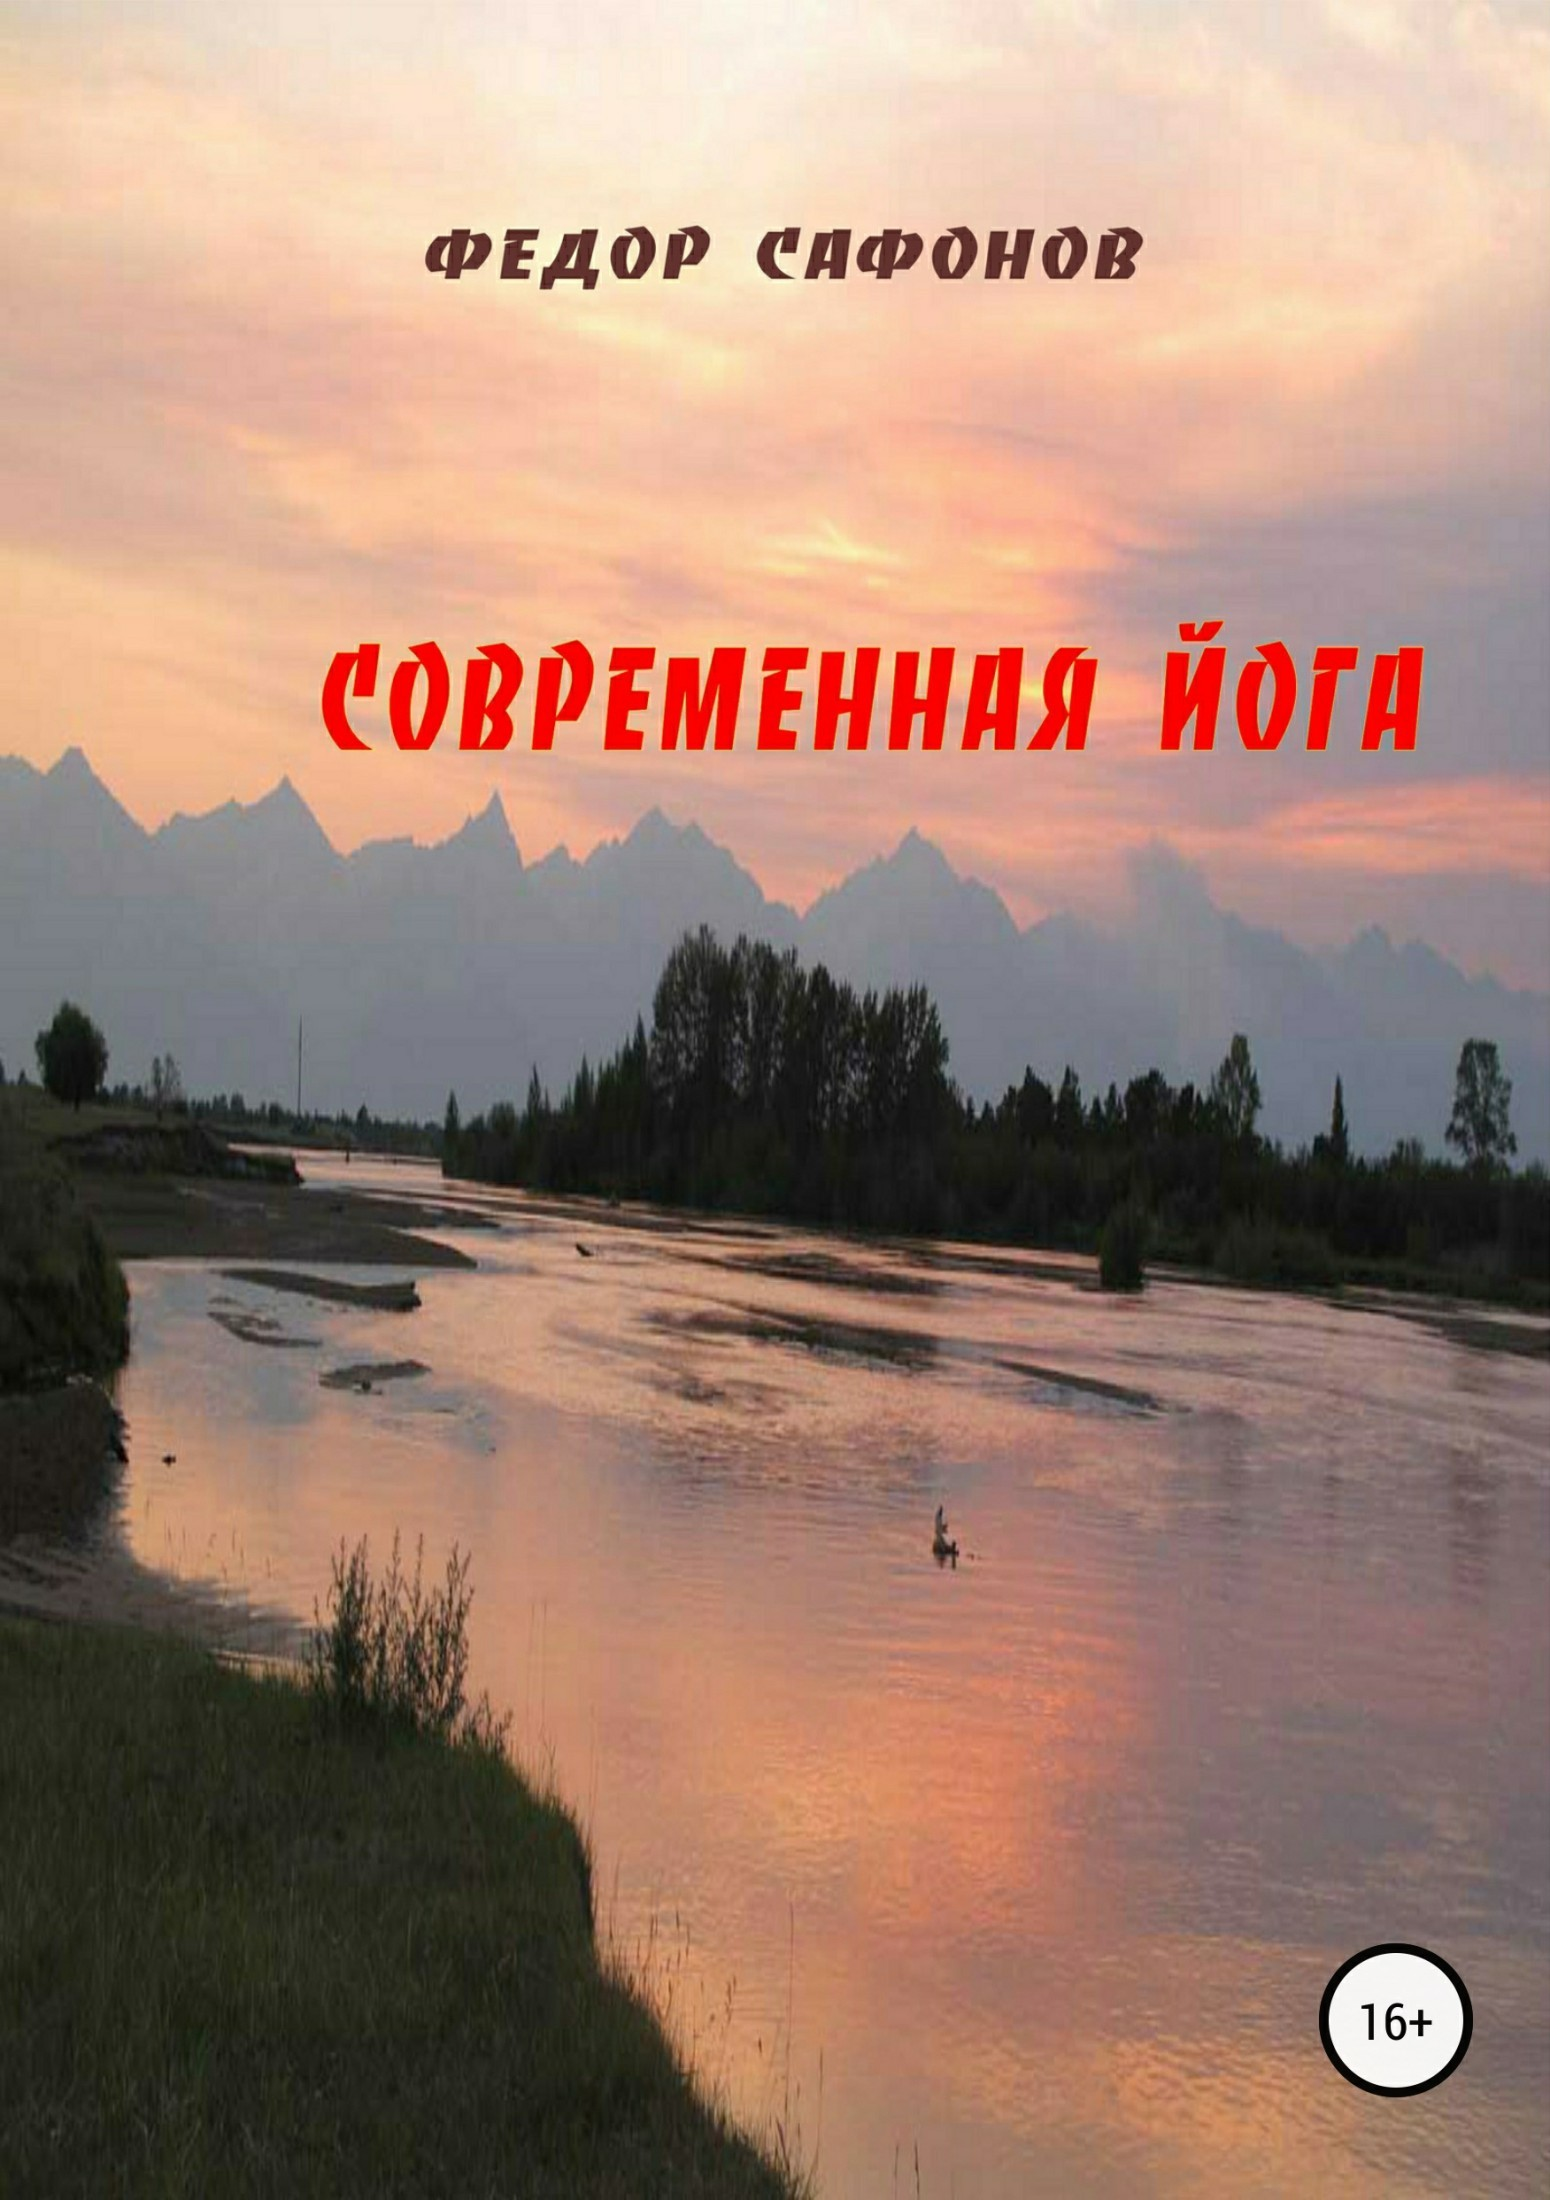 Федор Георгиевич Сафонов. Современная йога